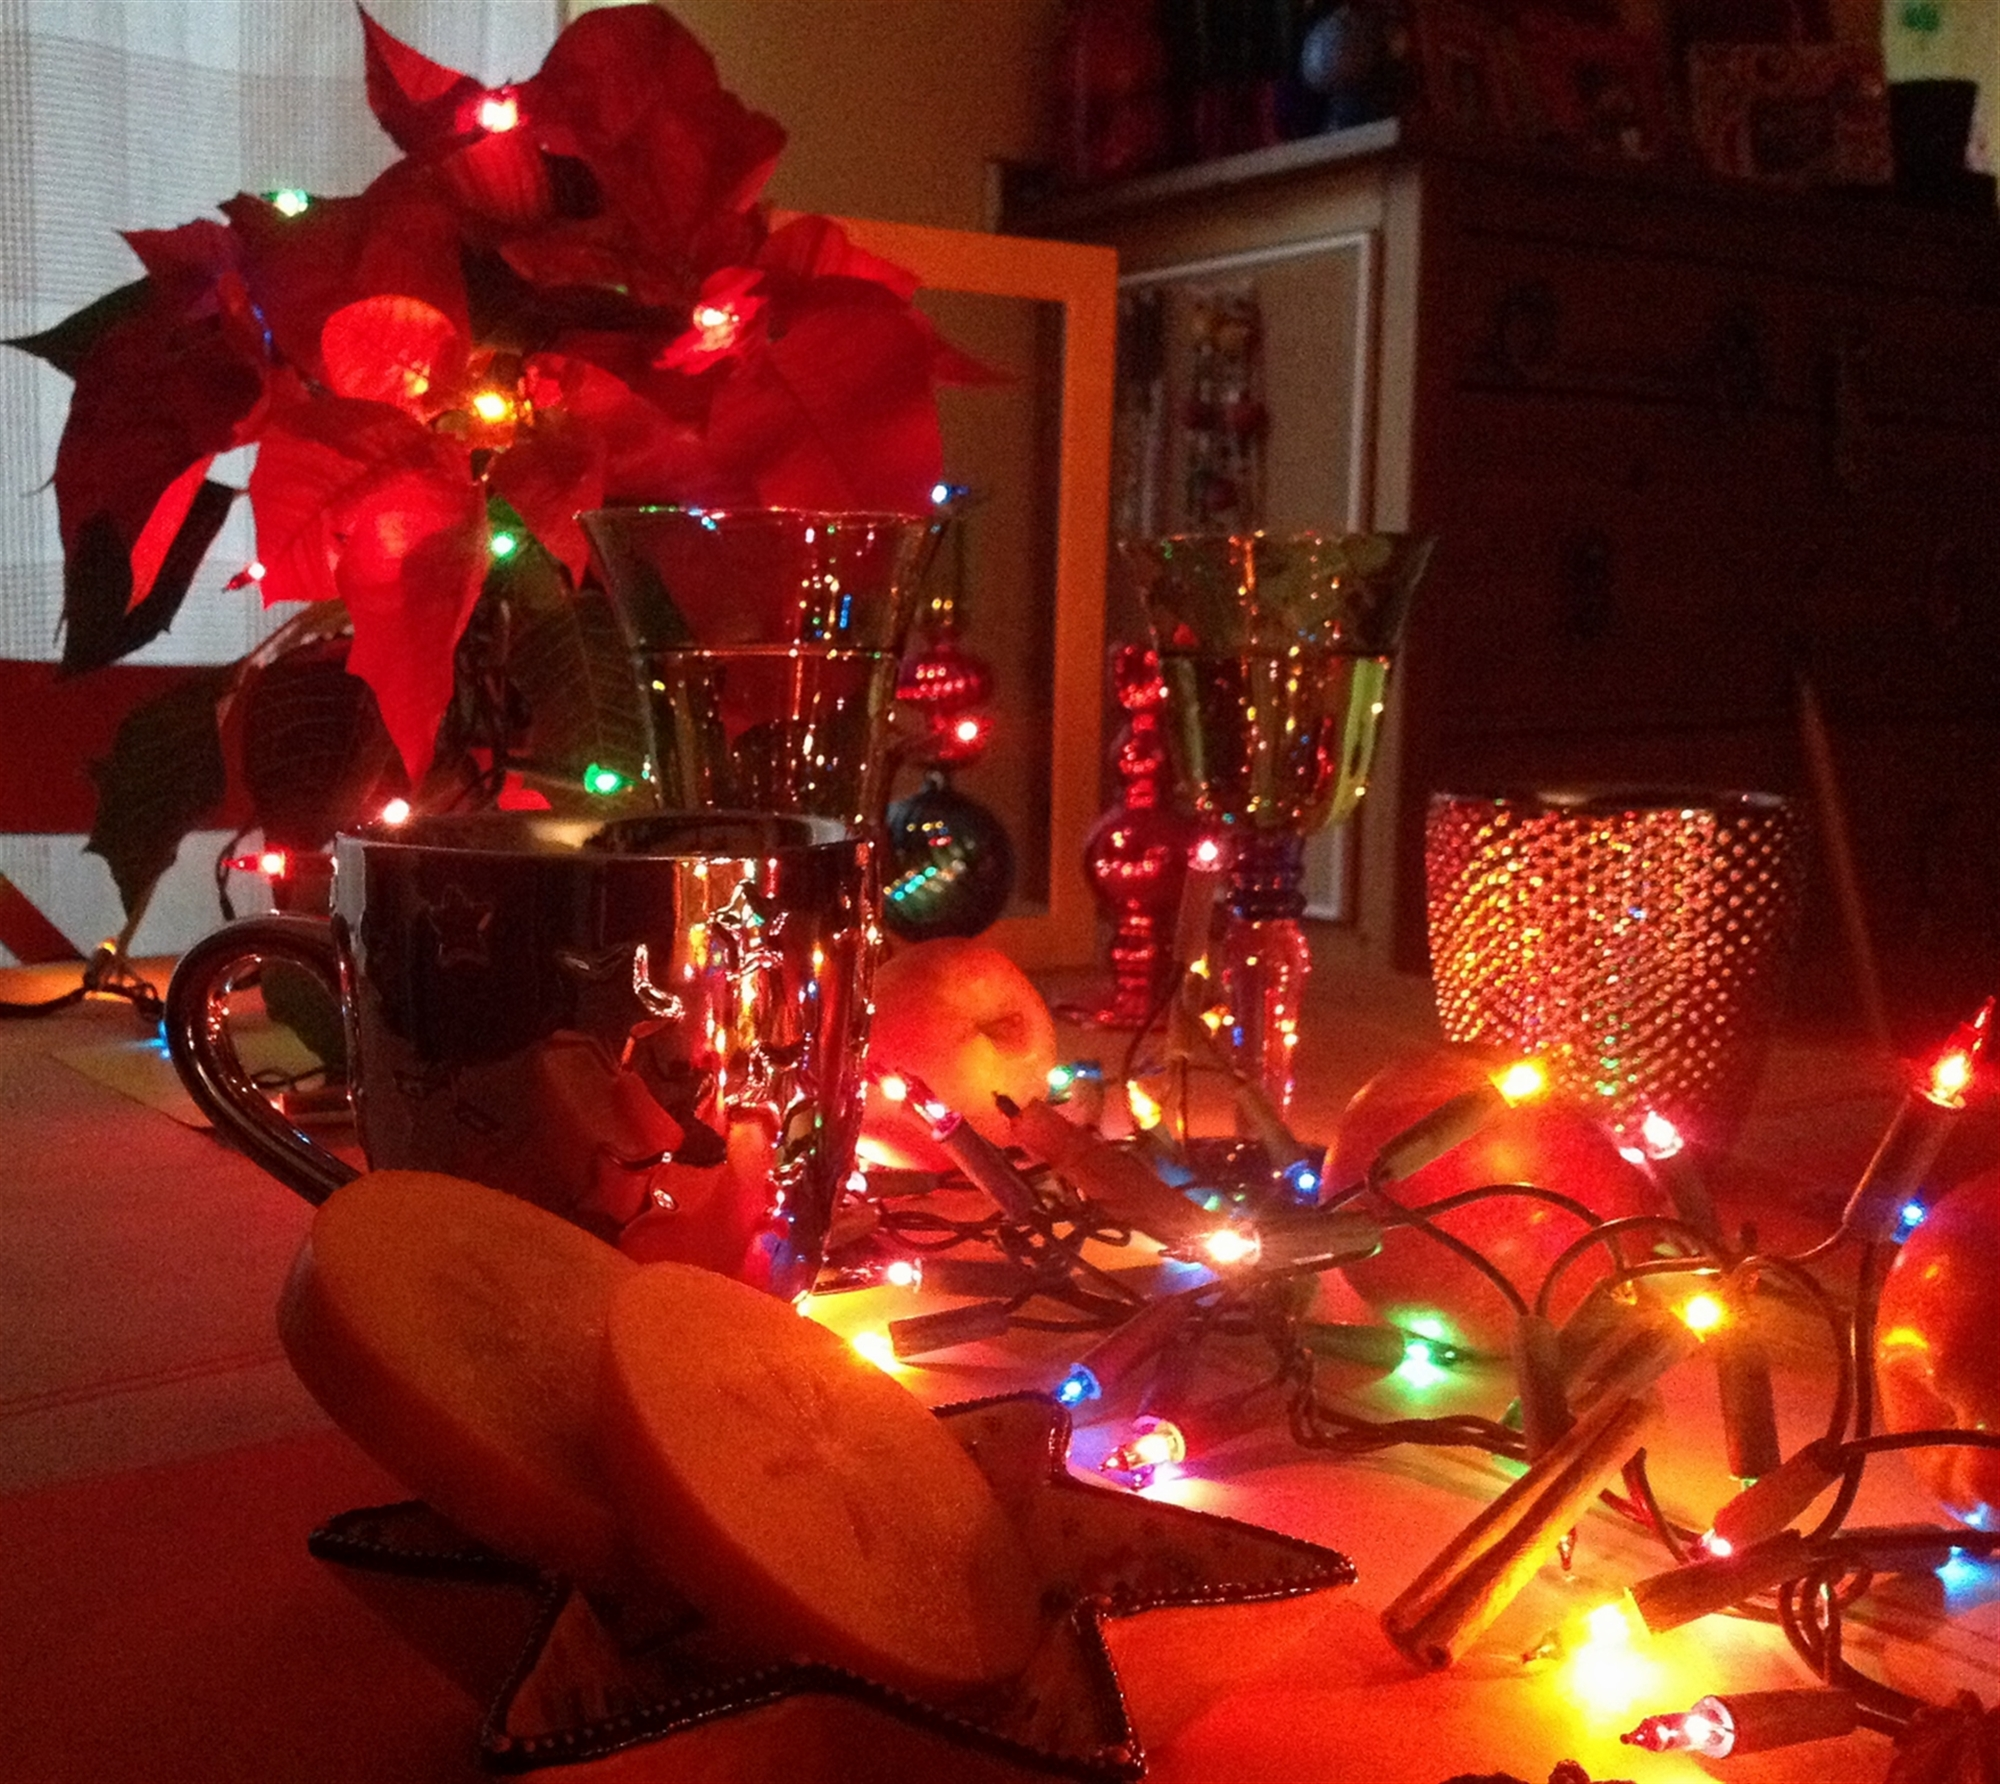 8a gwiazda_betlejemska_boze_narodzenie_wigilia_dekoracje_stol_na_swieta_pomysly_christmas_decorationg_ideas_home_decor_interio_design_holiday_table_setting_forelements_blog